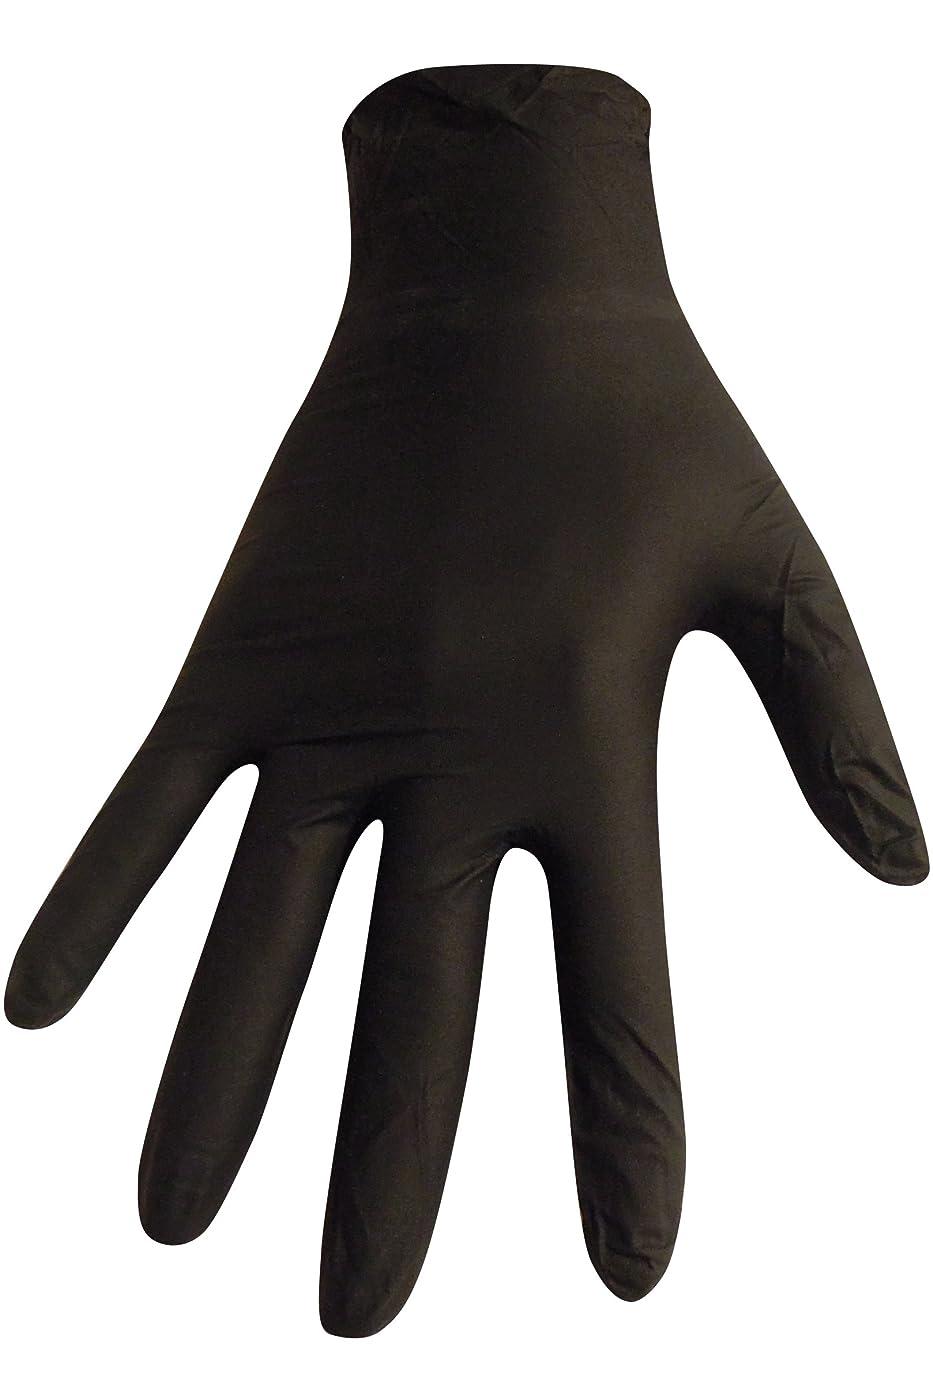 愛人見て章【箱なし発送】ニトリル極薄手袋 S?M?L 選べる6色(100枚入) (M, ブラック)